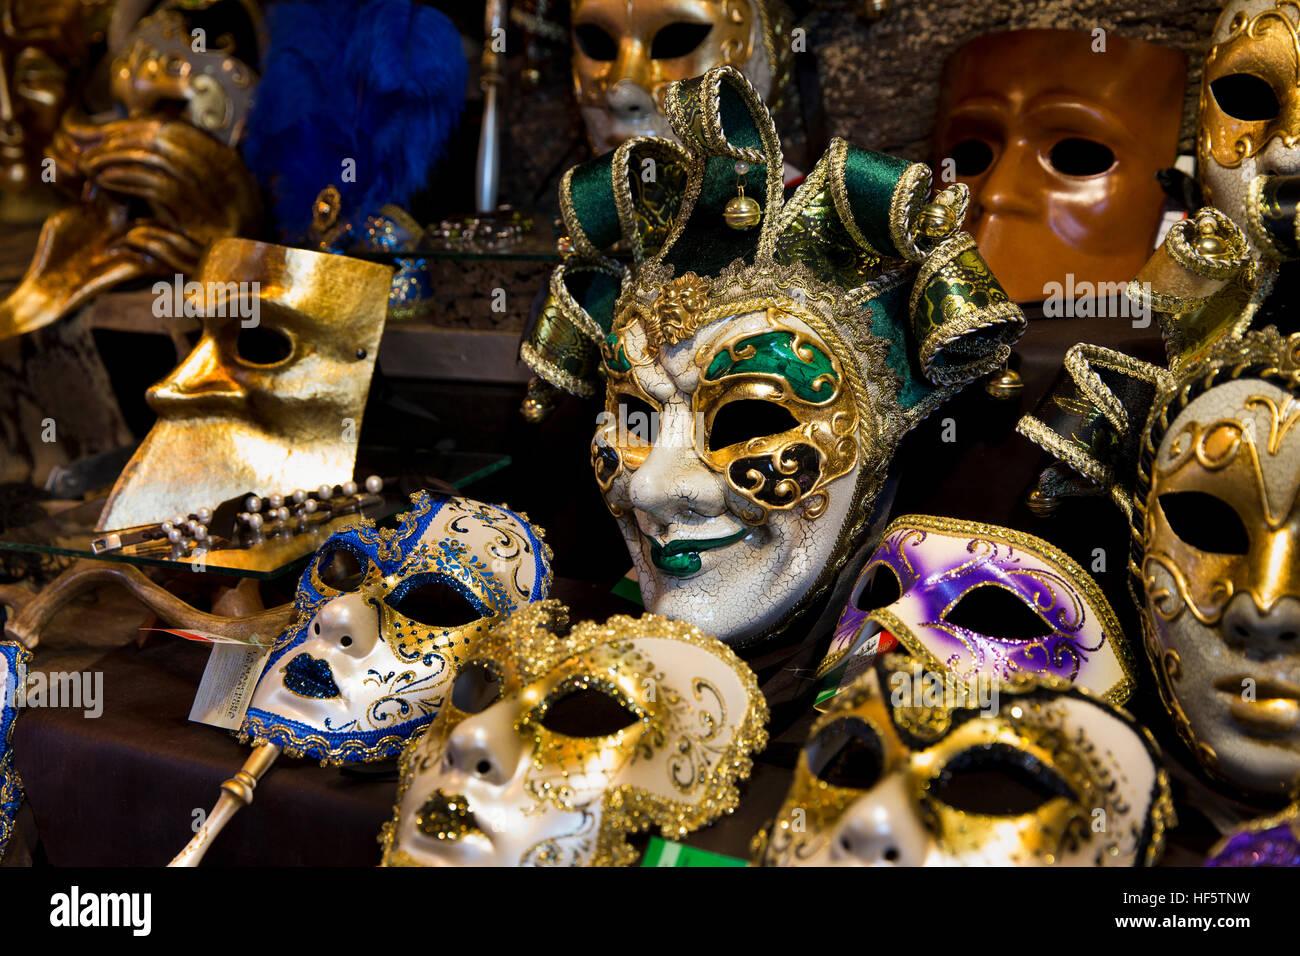 Dänemark, Kopenhagen, Højbro Plads, Weihnachtsmarkt, venezianischen Karneval Masken für den Verkauf auf Italienisch Stockfoto